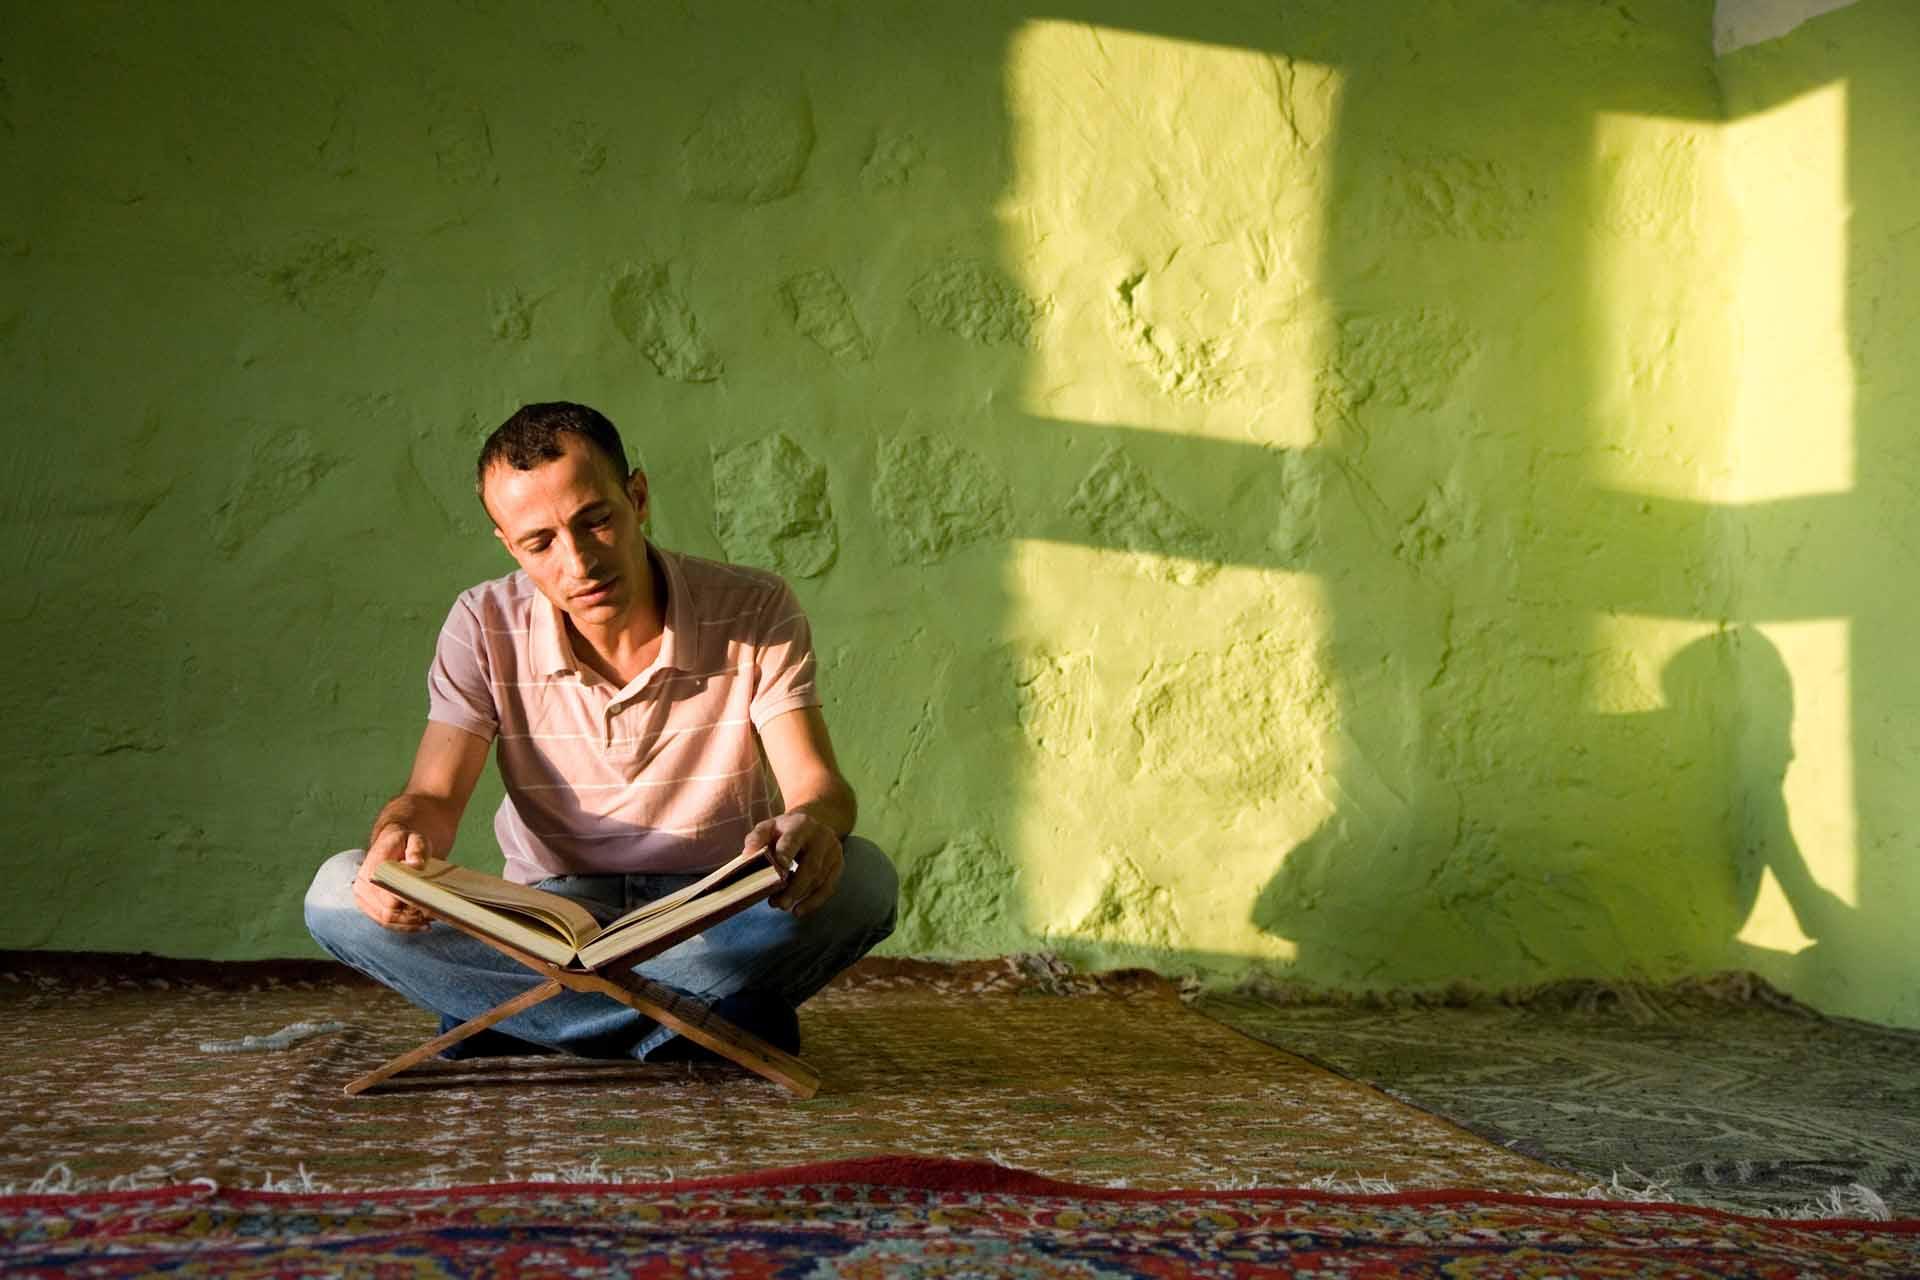 In der Moschee der alten Stadt Hasankeyf liest ein junger Mann während des Ramazan (Ramadan) im Koran. Nach Fertigstellung des Ilisu-Staudamms, wird die Spitze des Minaretts dieser Moschee noch einen Meter aus den Fluten ragen.